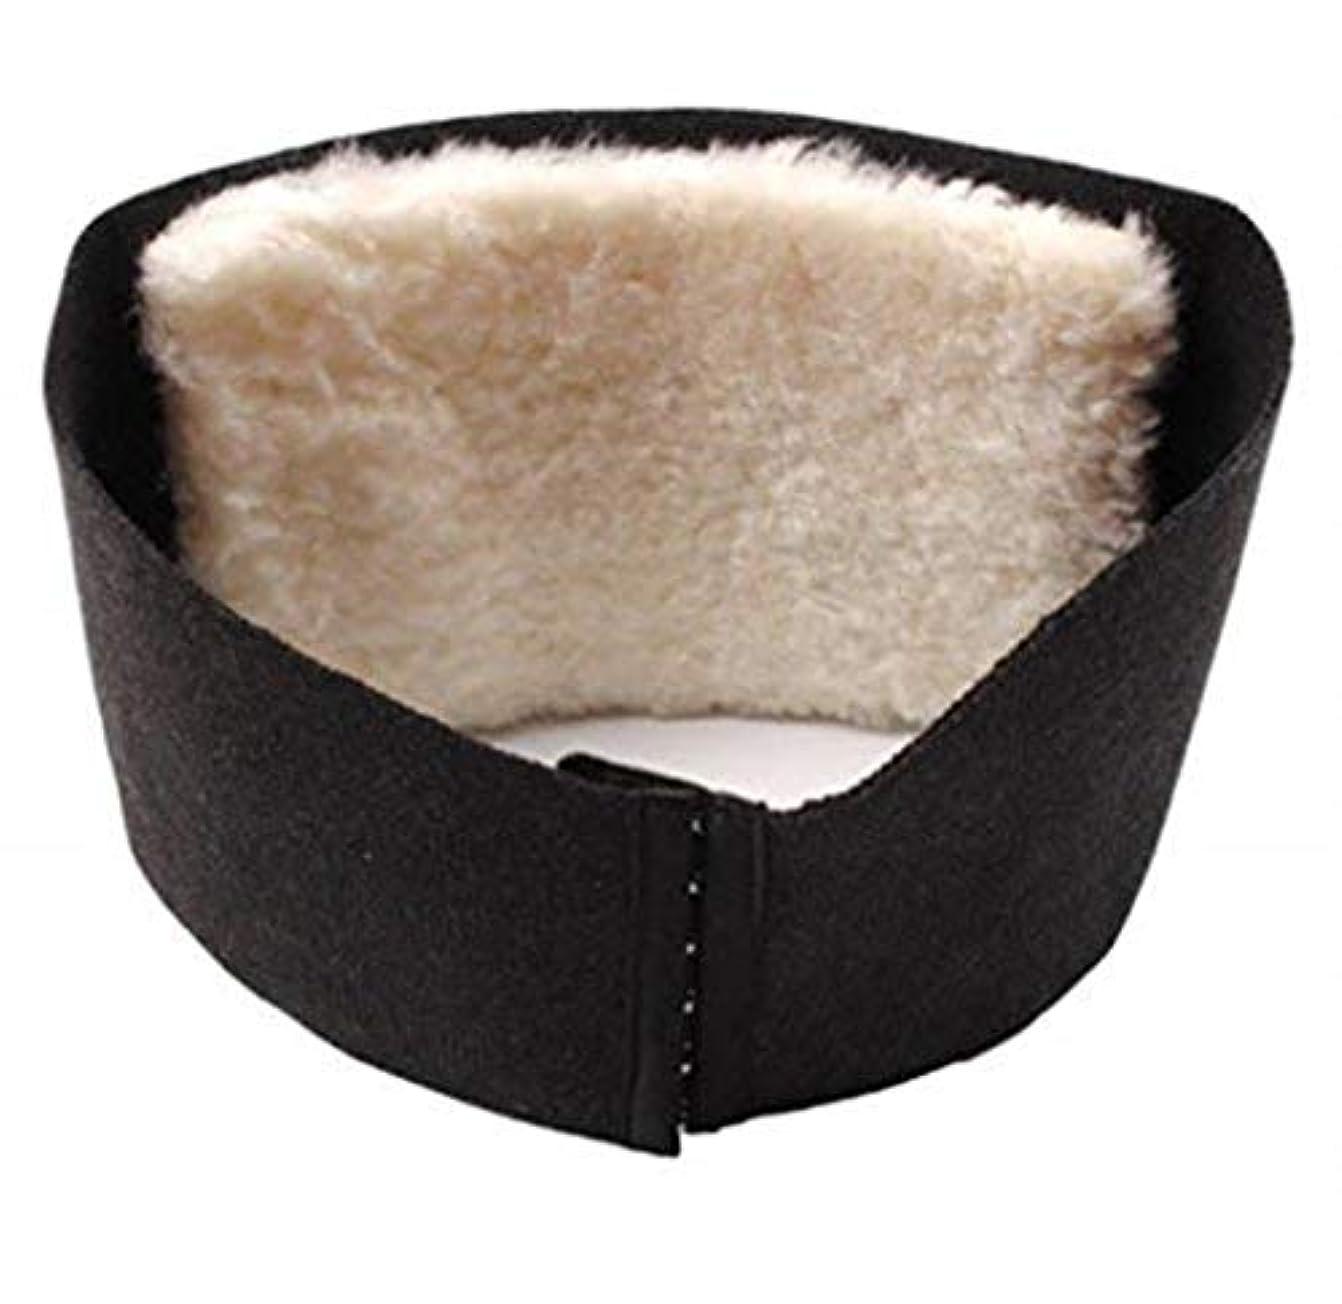 中傷口ひげゆりかごスポーツ/仕事/フィットネスに適したウエスト暖かいベルト、ウール医療ウエストサポートベルト、暖かい腰のサポート、